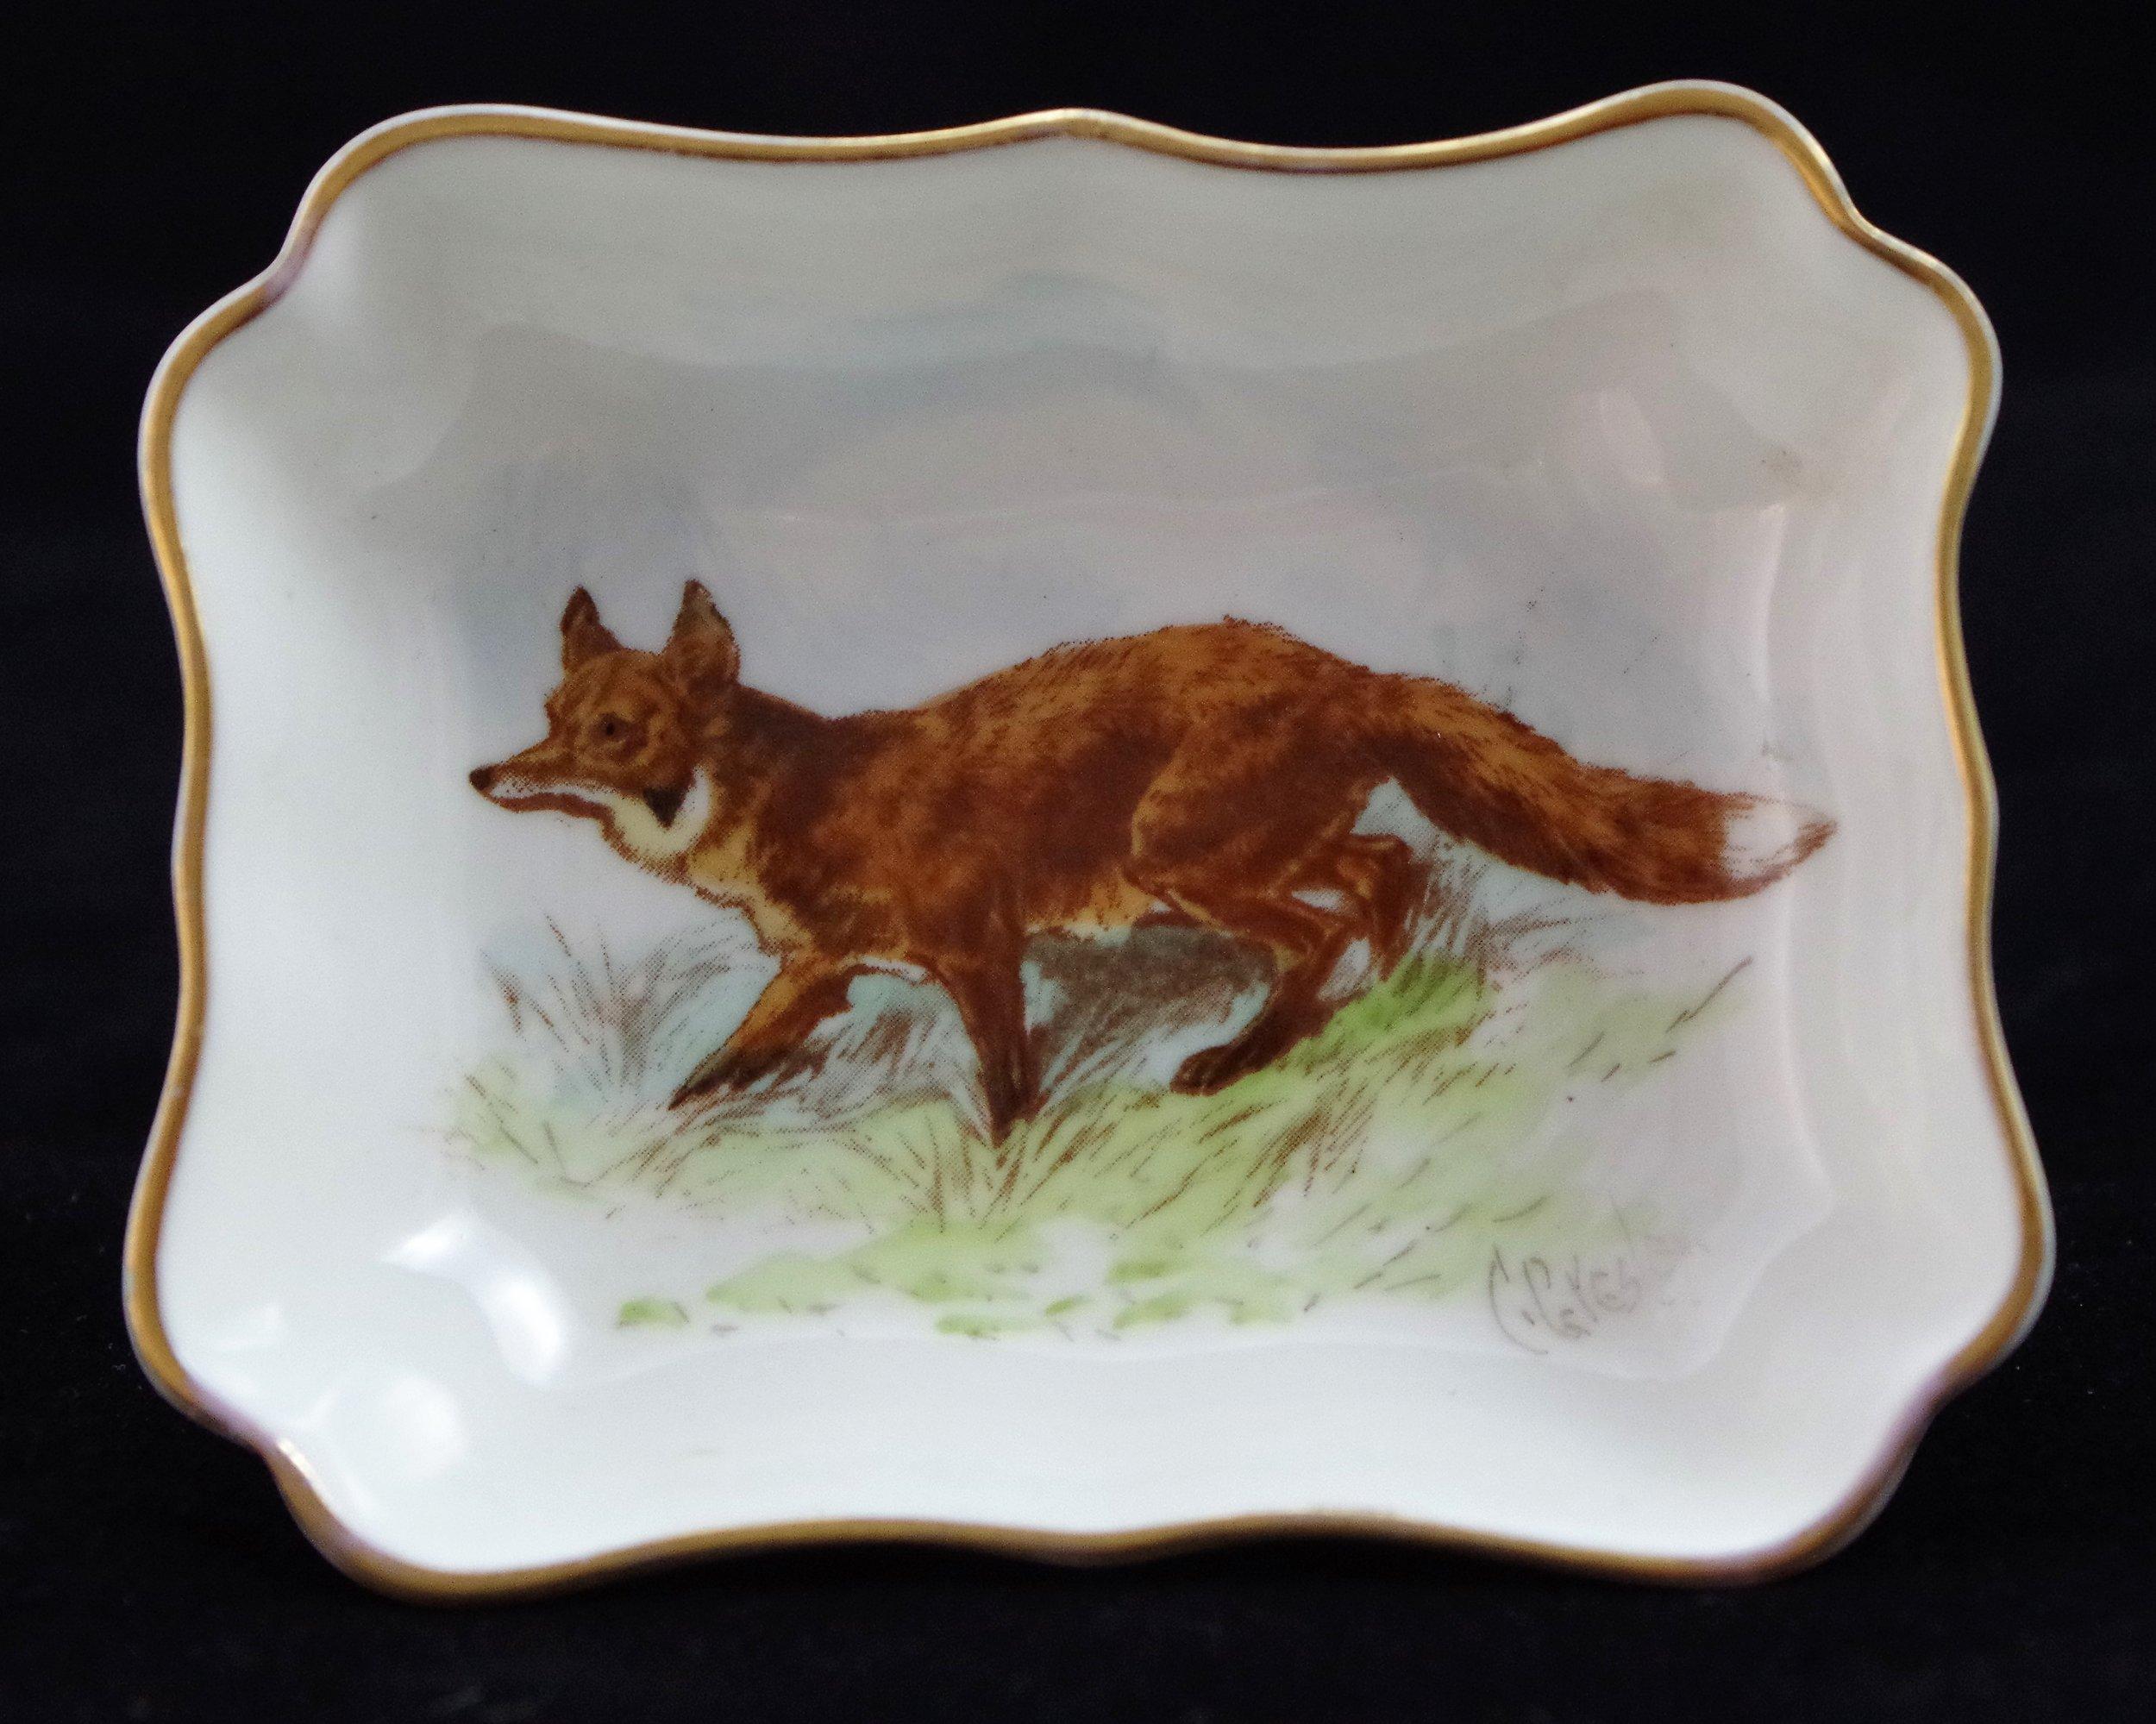 royal-crown-derby-oblong-tray-1800-fox-gresley